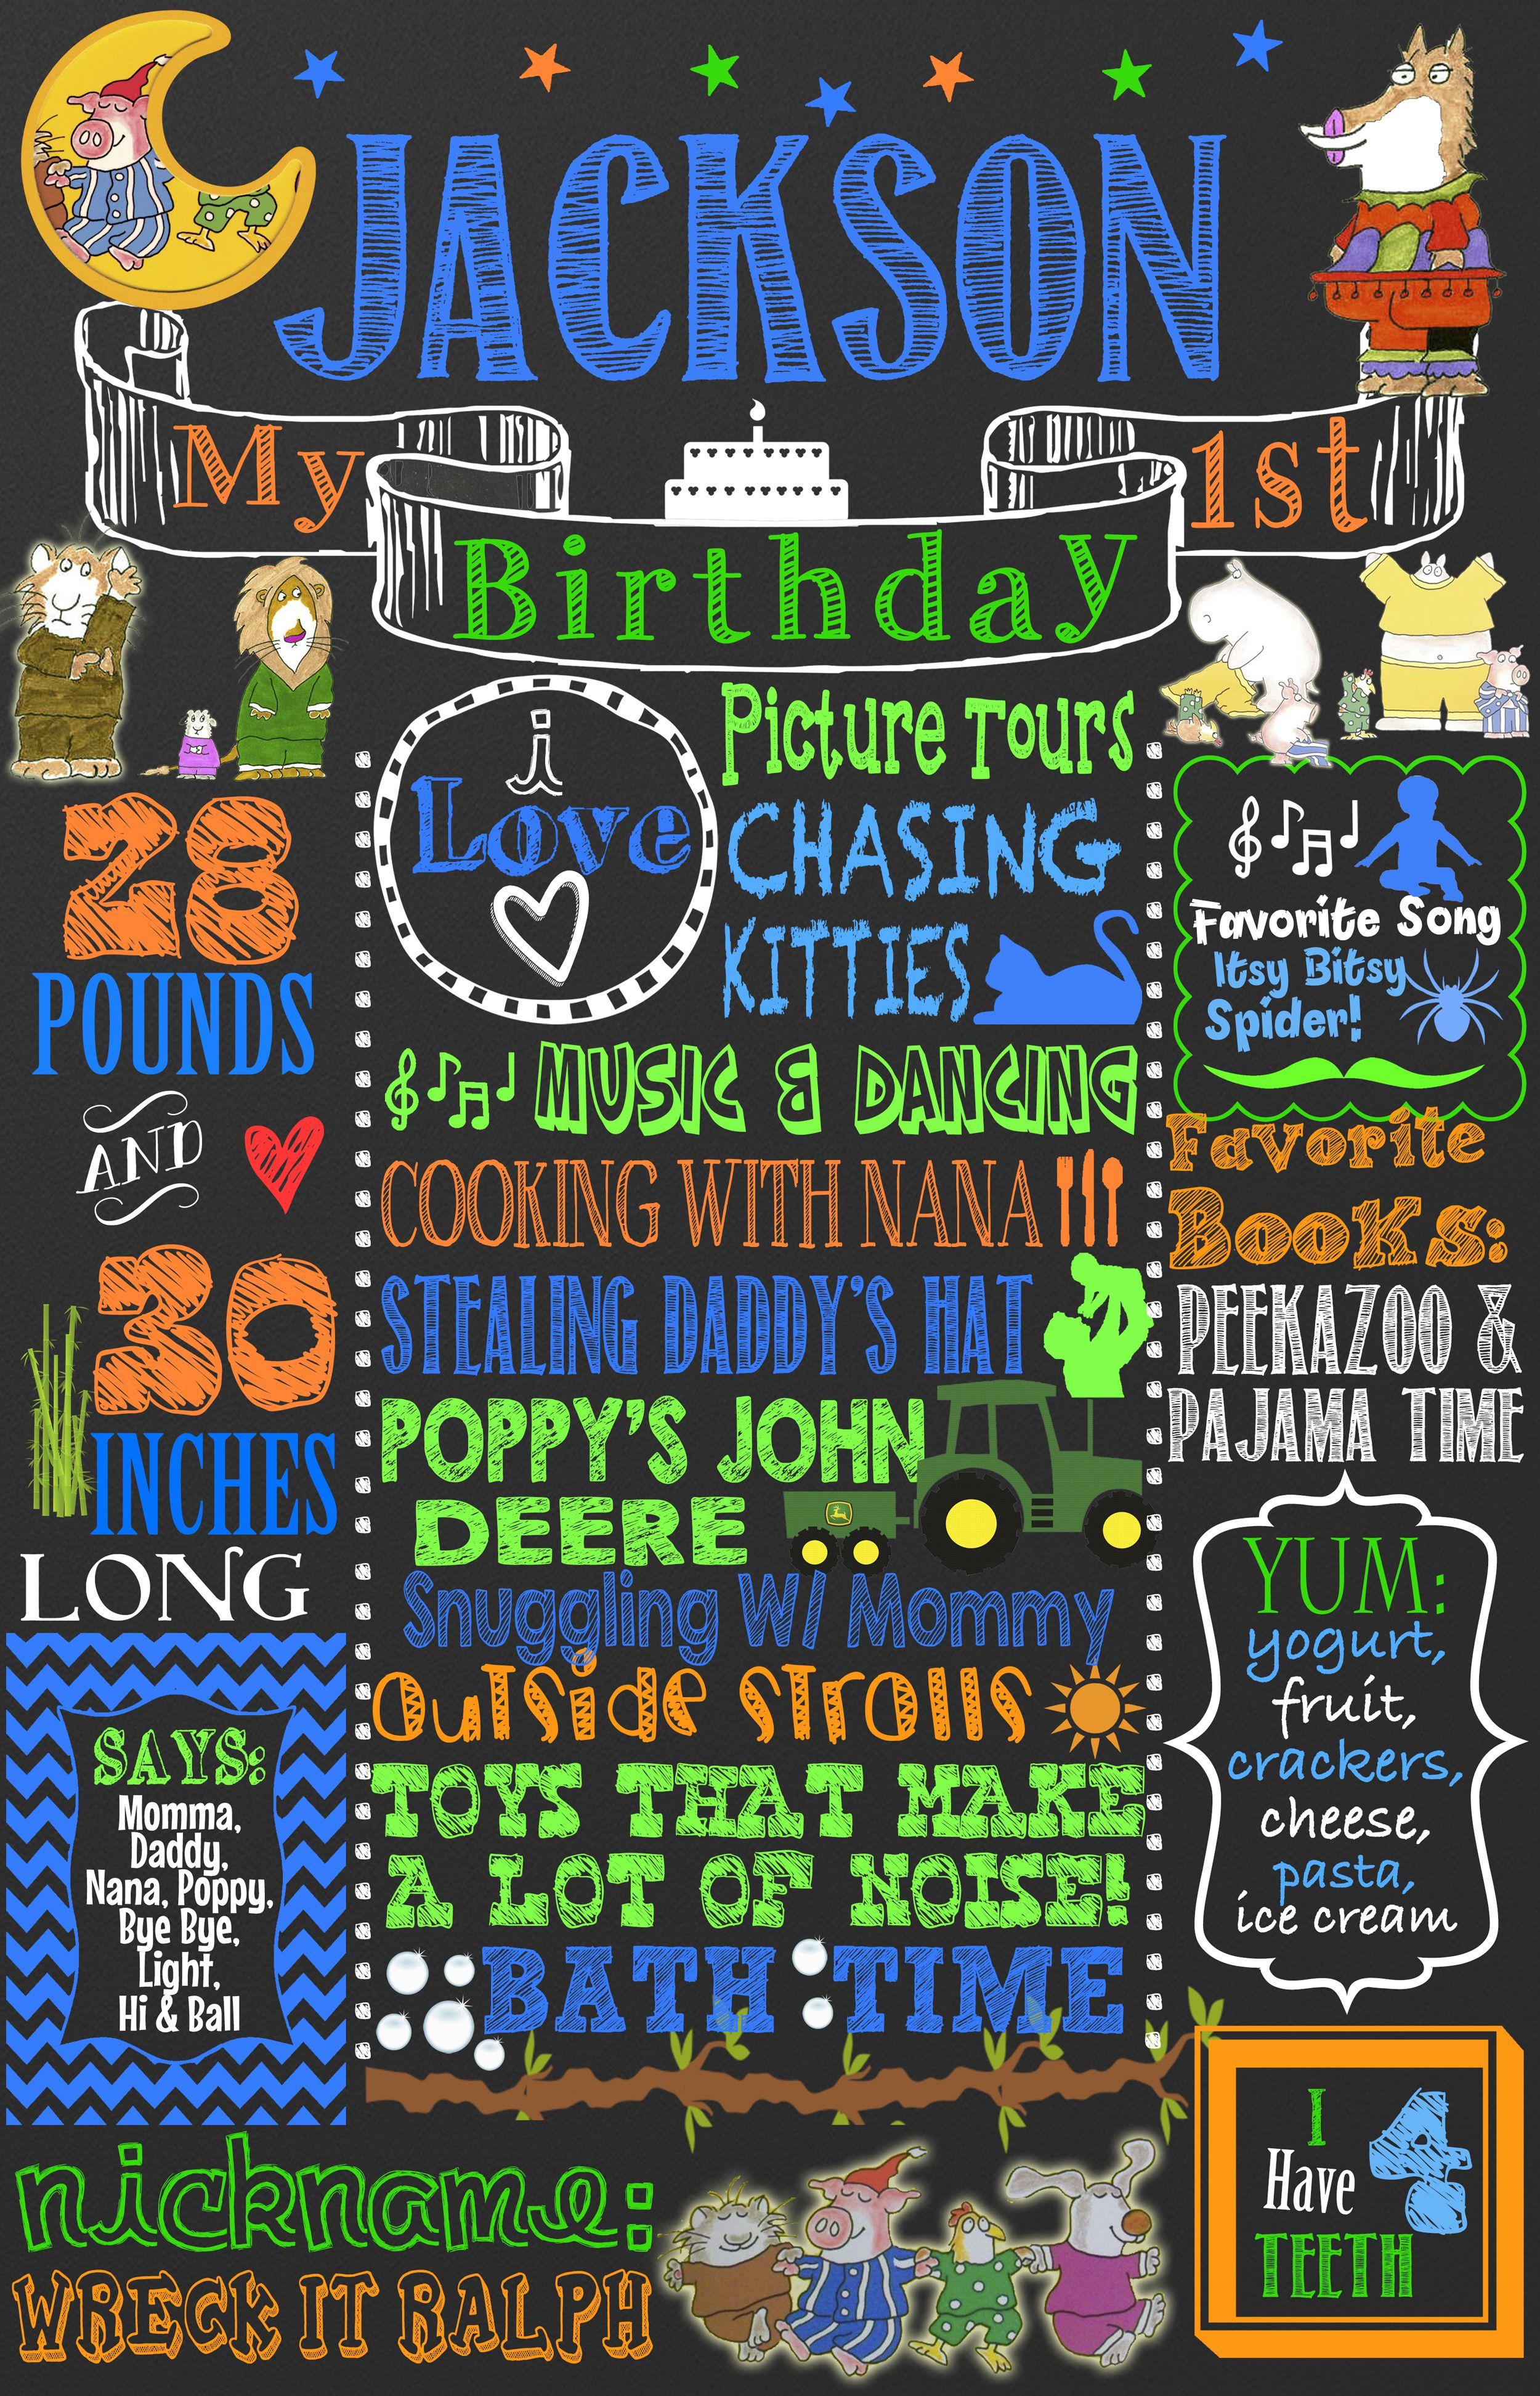 Pajama Time Birthday Party ideas, Pajama Time Party ideas